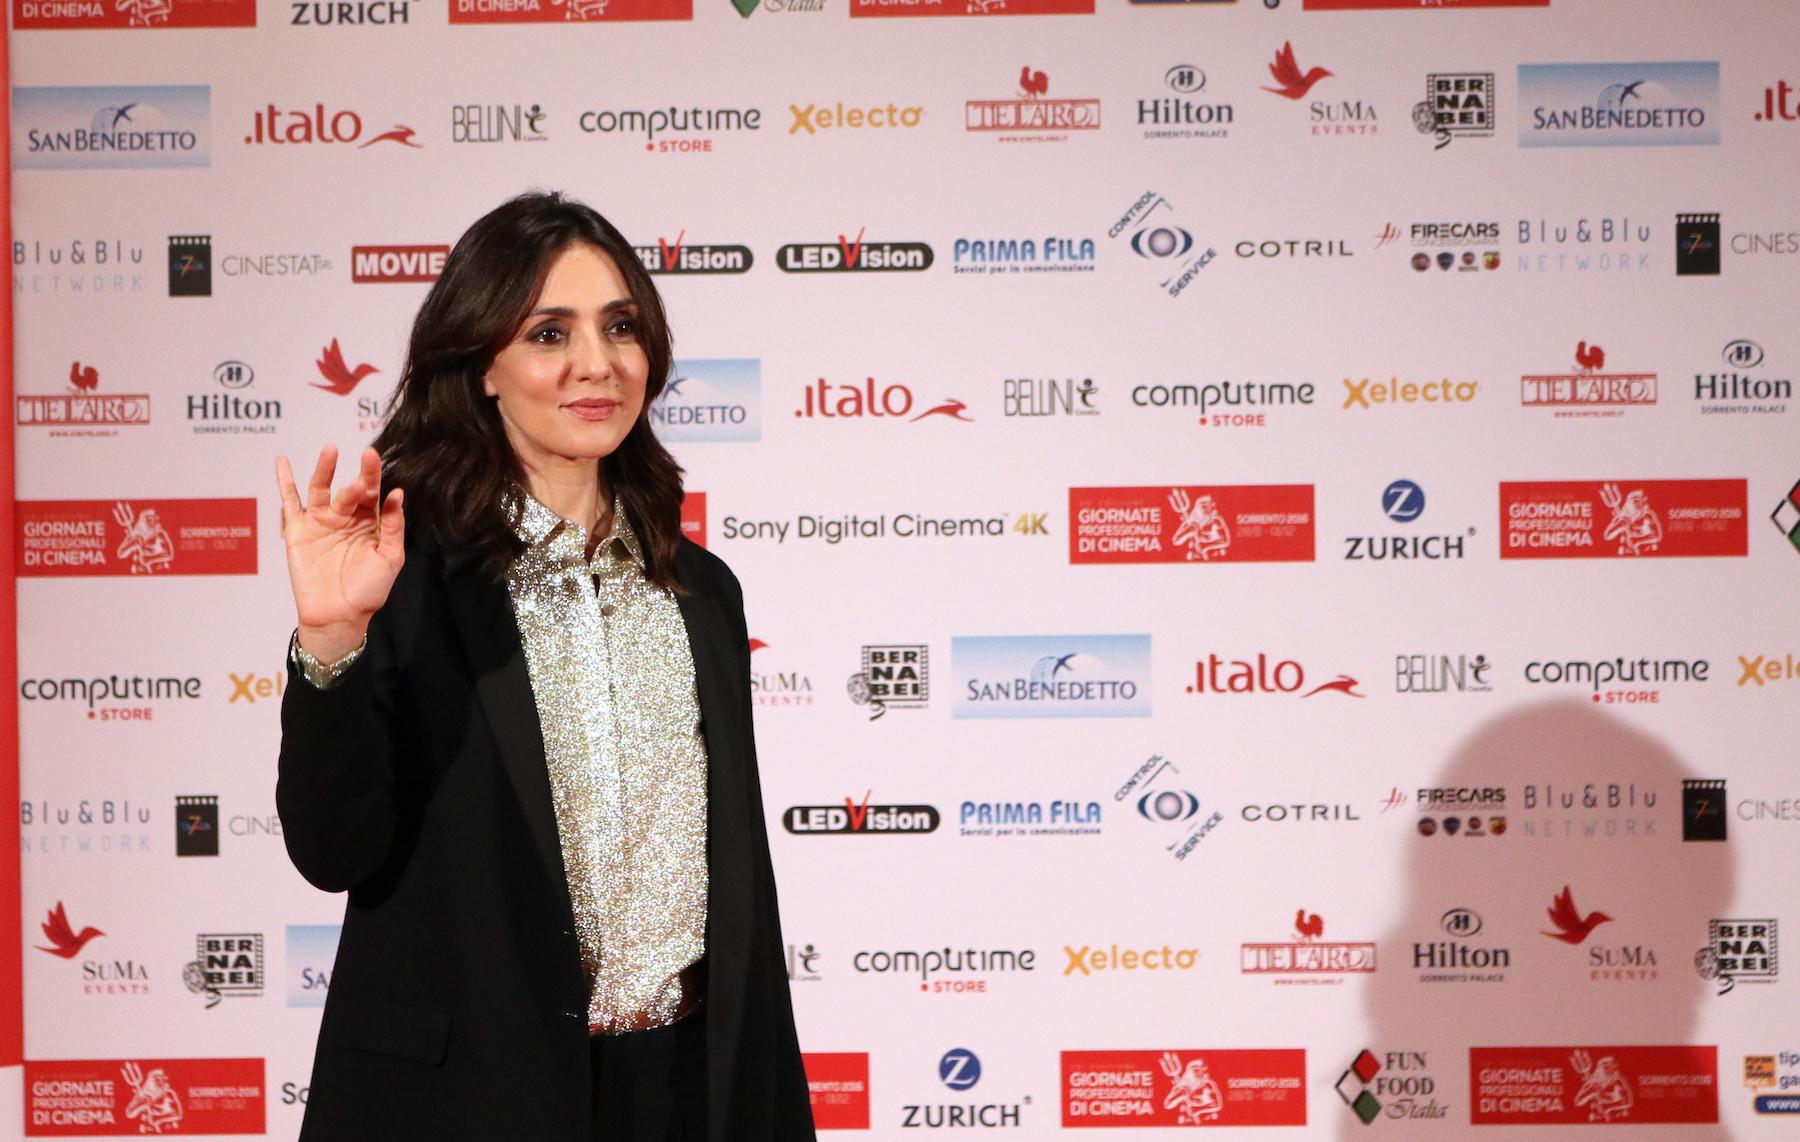 La verità, vi spiego, sull'amore: Ambra Angiolini alle giornate professionali del cinema di Sorrento